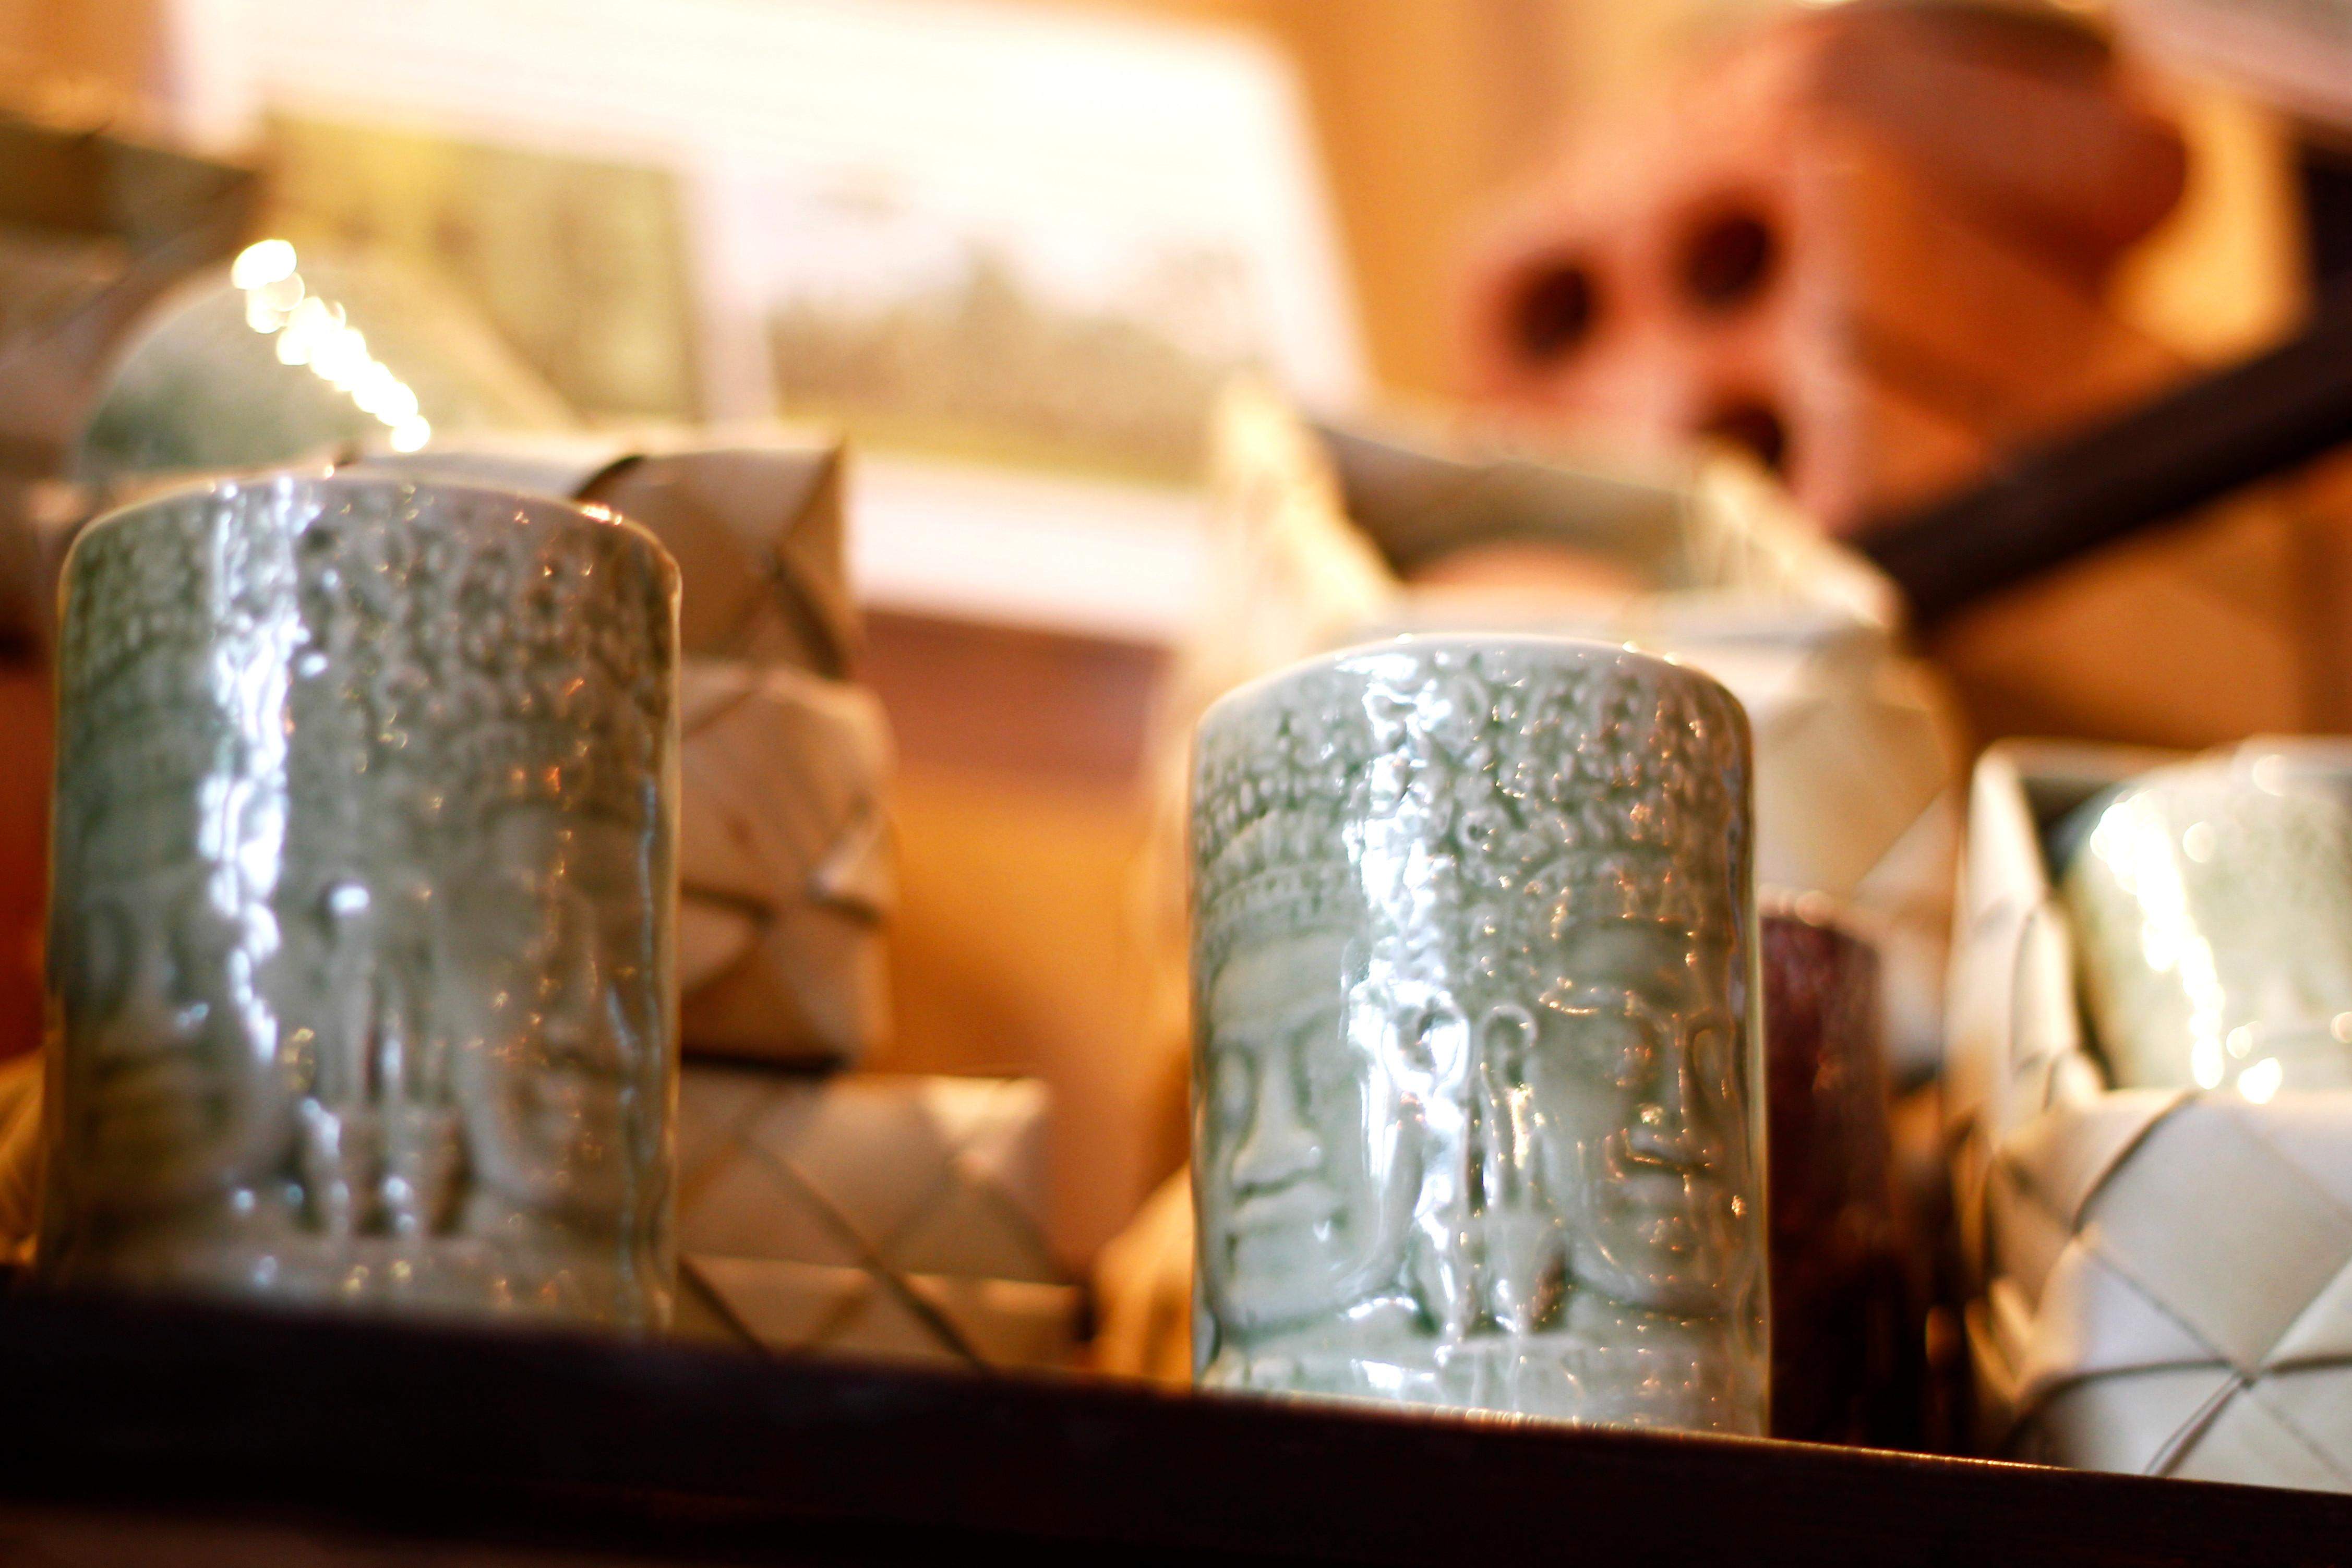 柬埔寨高棉陶瓷制作课程体验